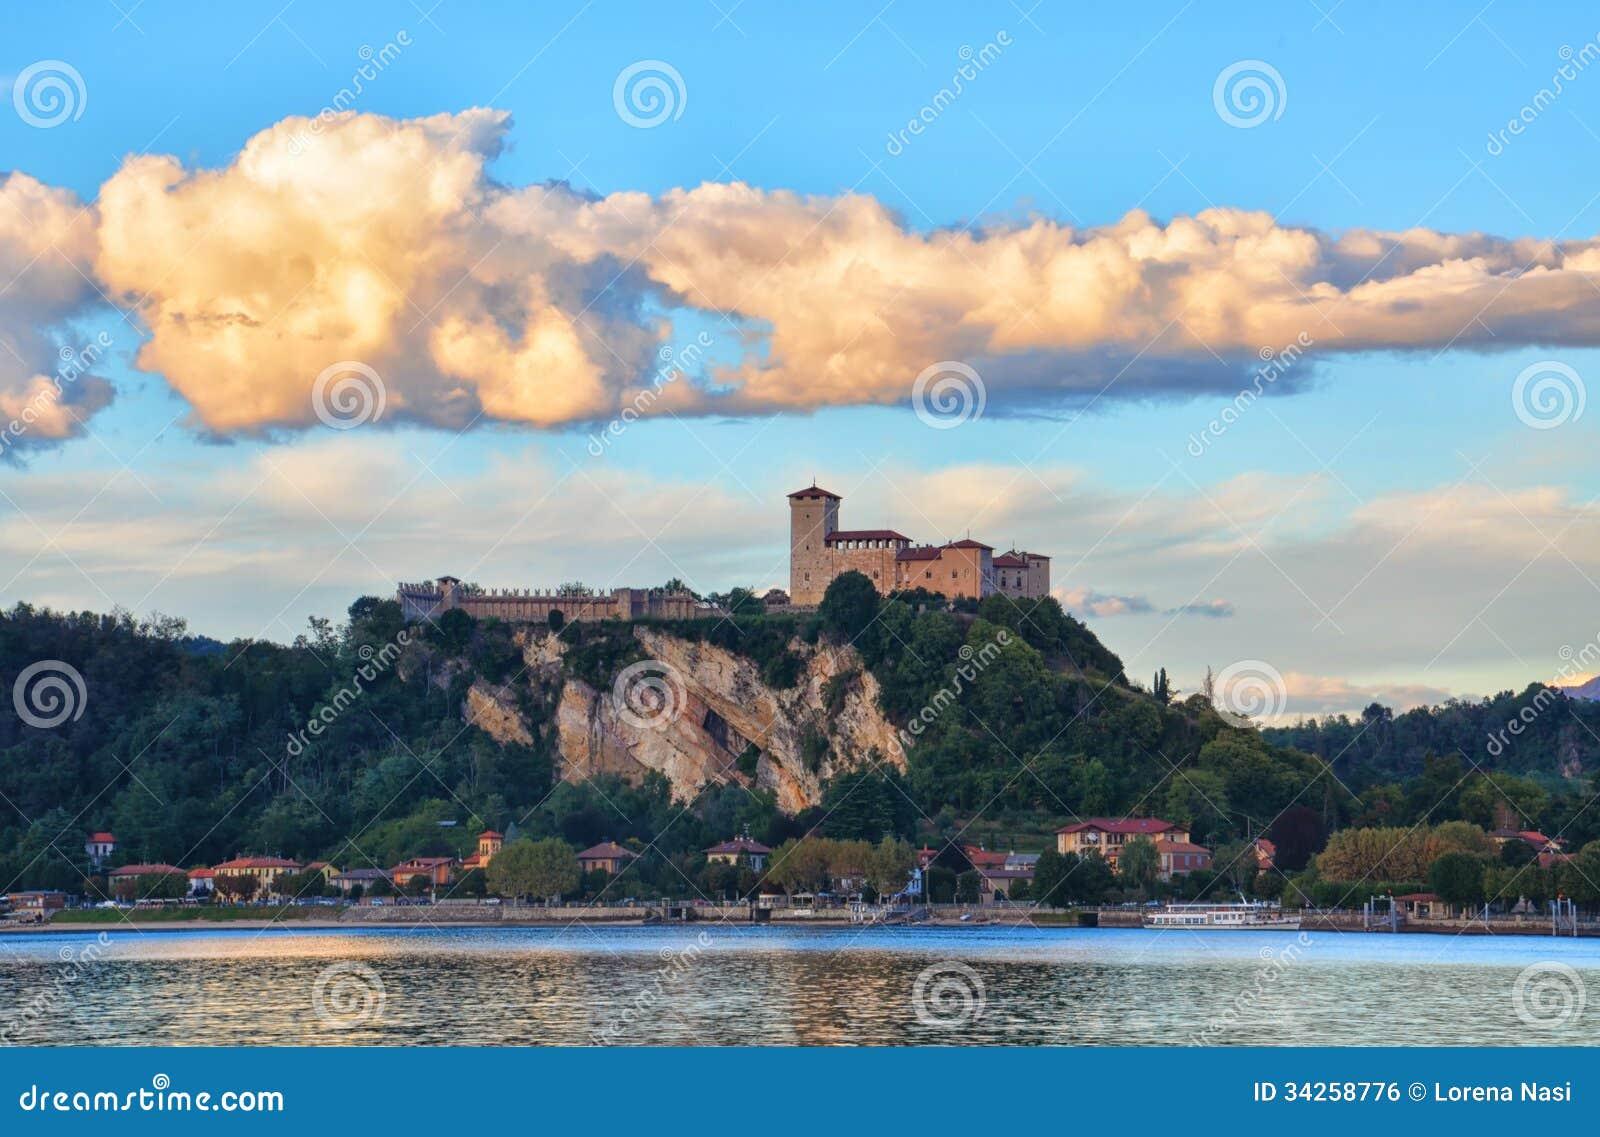 - fortress-borromeo-angera-italy-medieval-castle-lake-maggiore-34258776